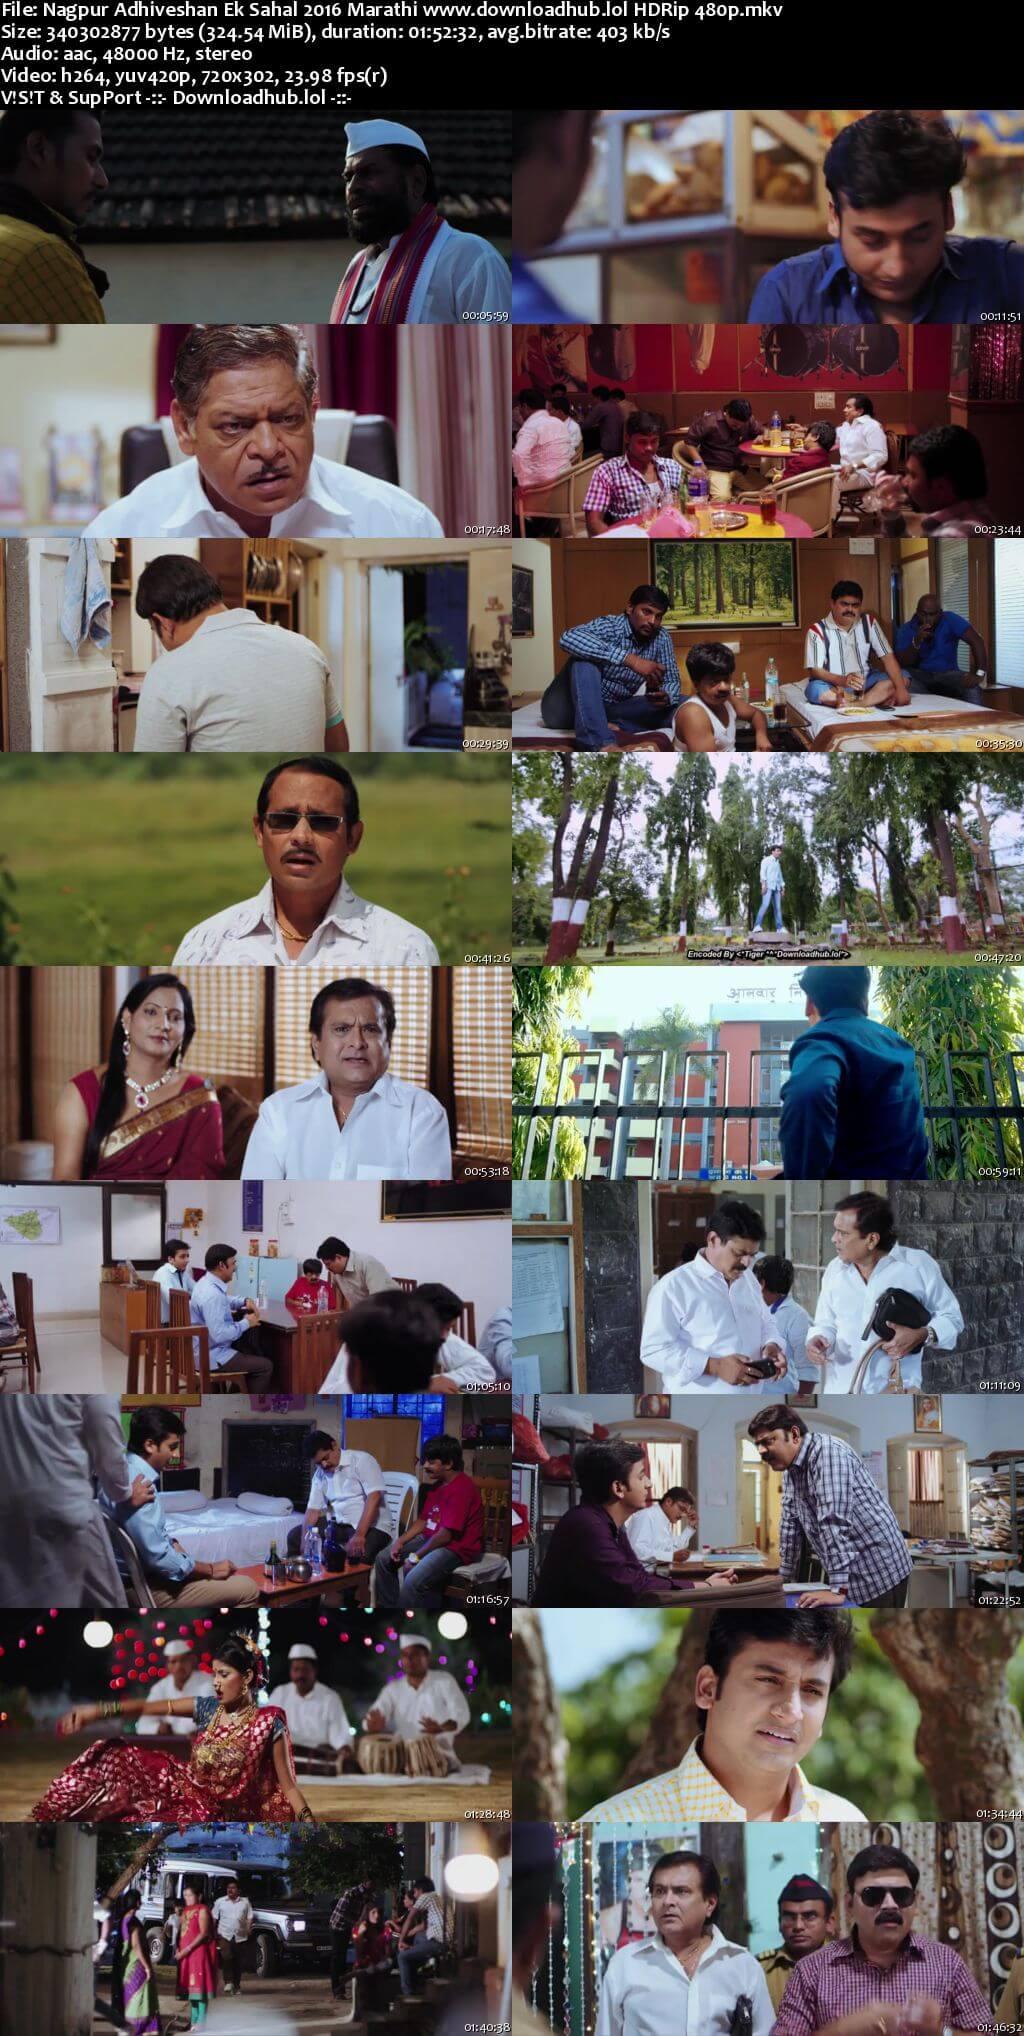 Nagpur Adhiveshan Ek Sahal 2016 Marathi 300MB HDRip 480p